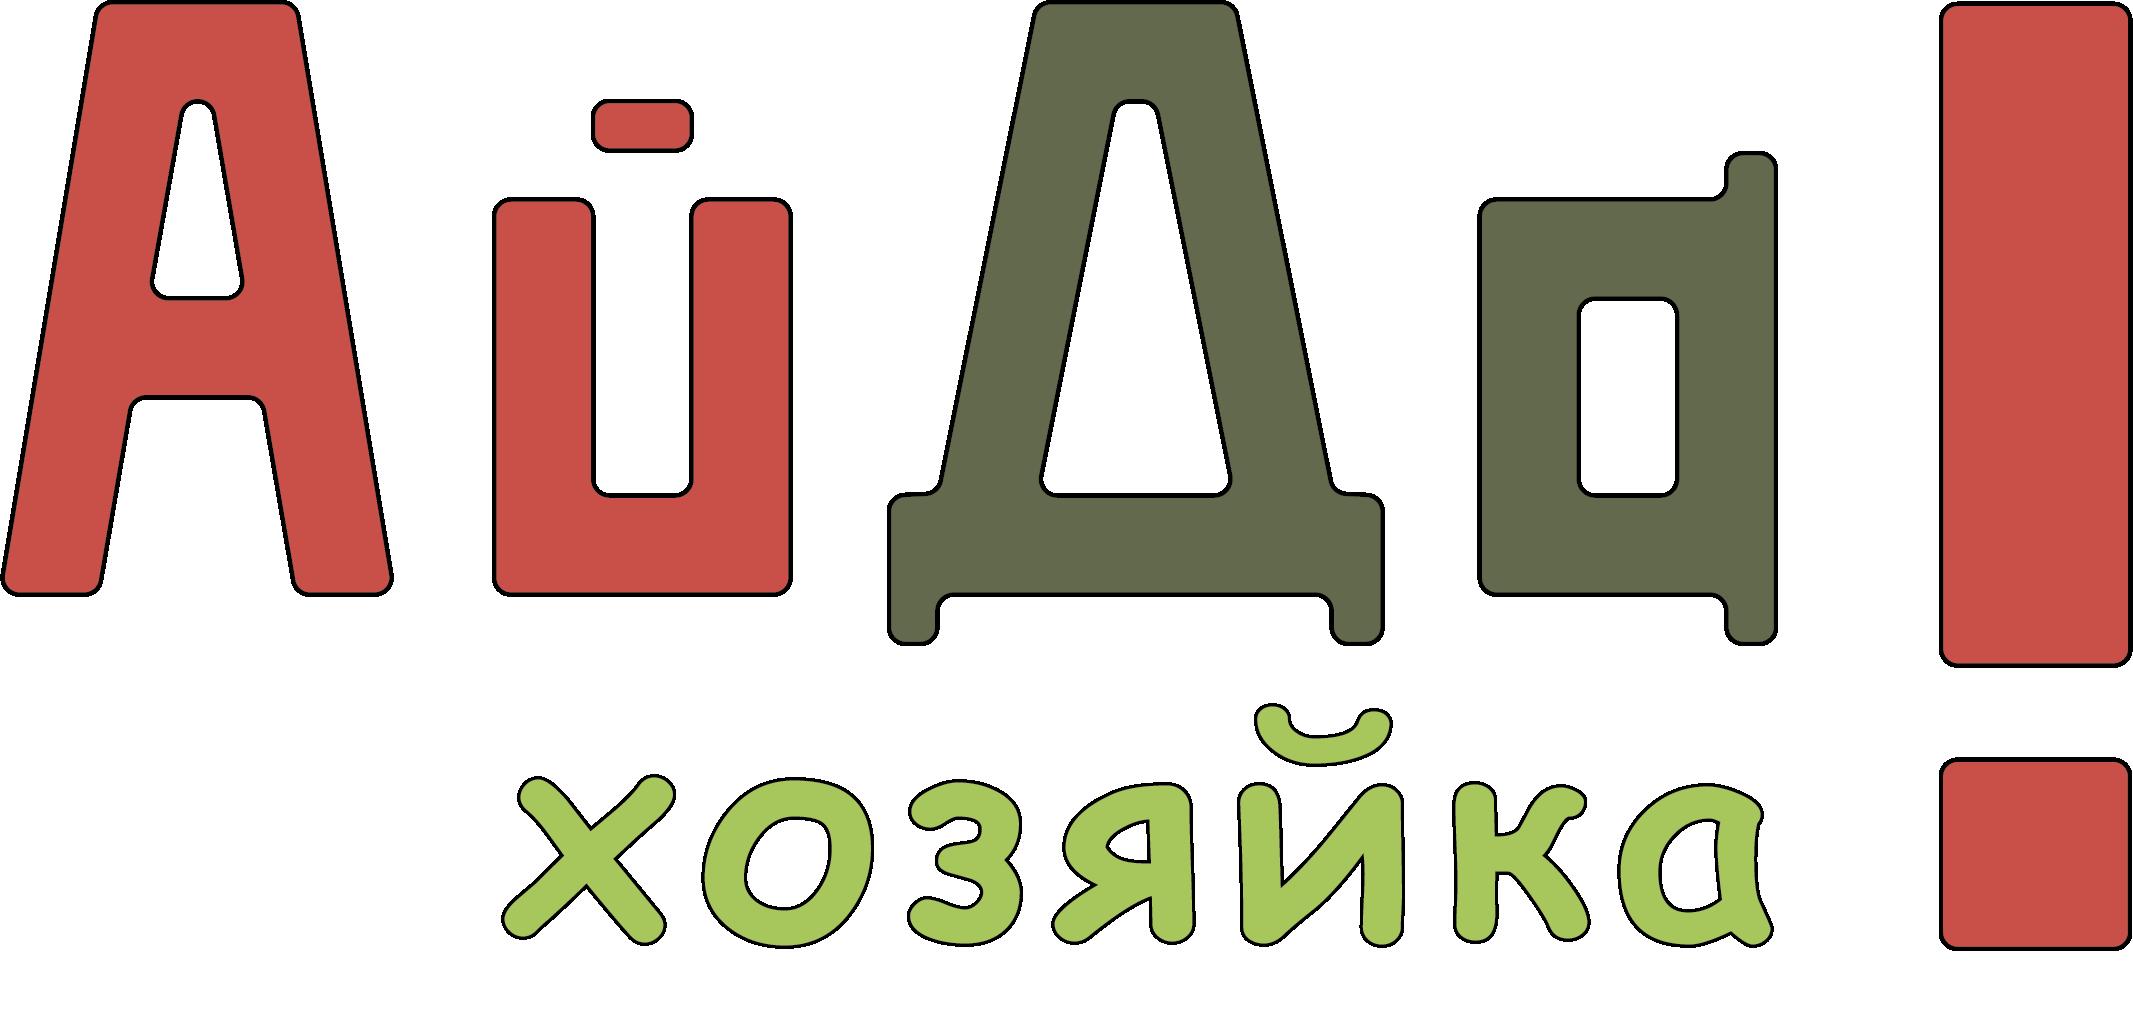 Дизайн логотипа и упаковки СТМ фото f_7955c5d39560c1e8.png